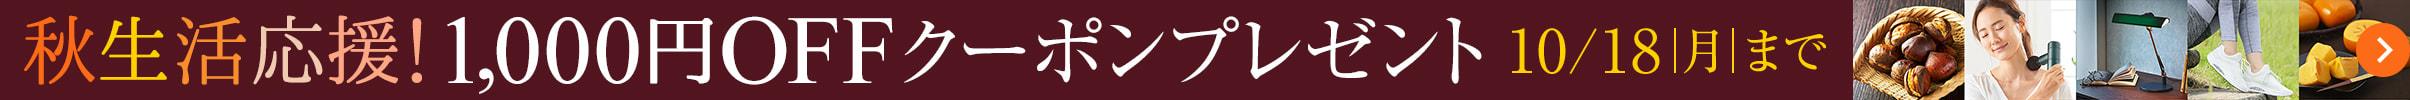 秋生活応援!1,000円